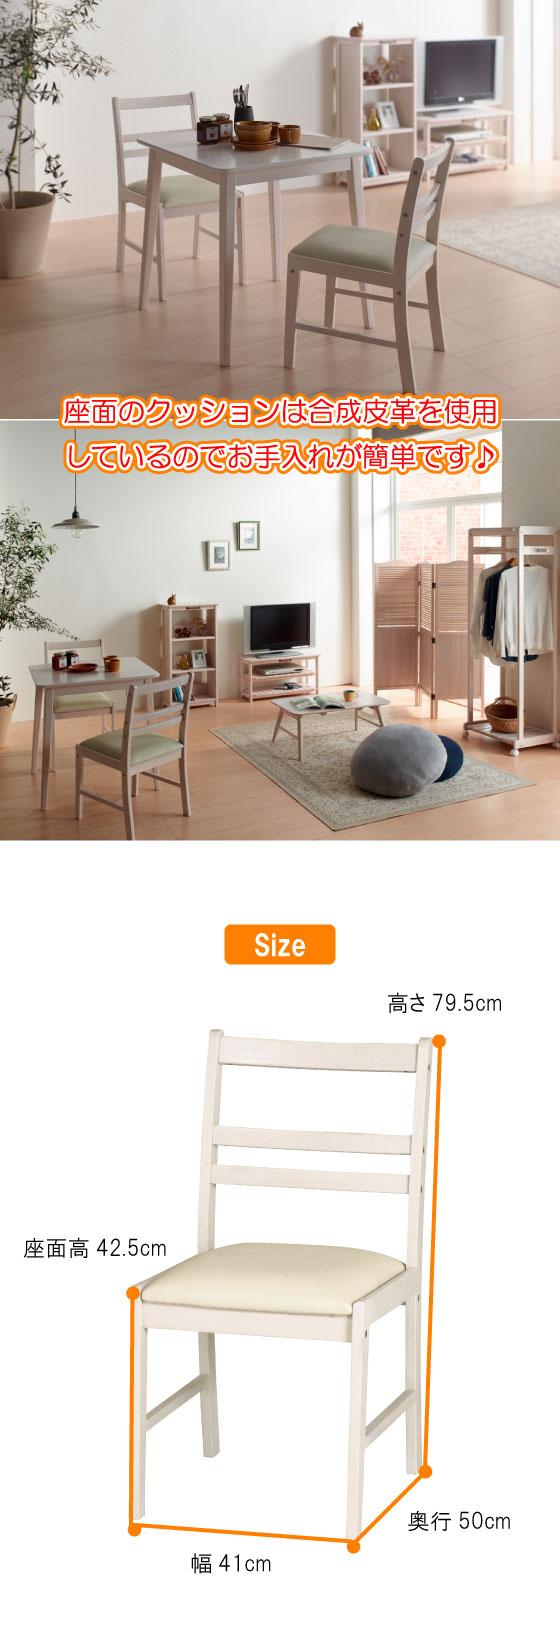 レザー&天然木製・カントリー&アンティーク調ダイニングチェア